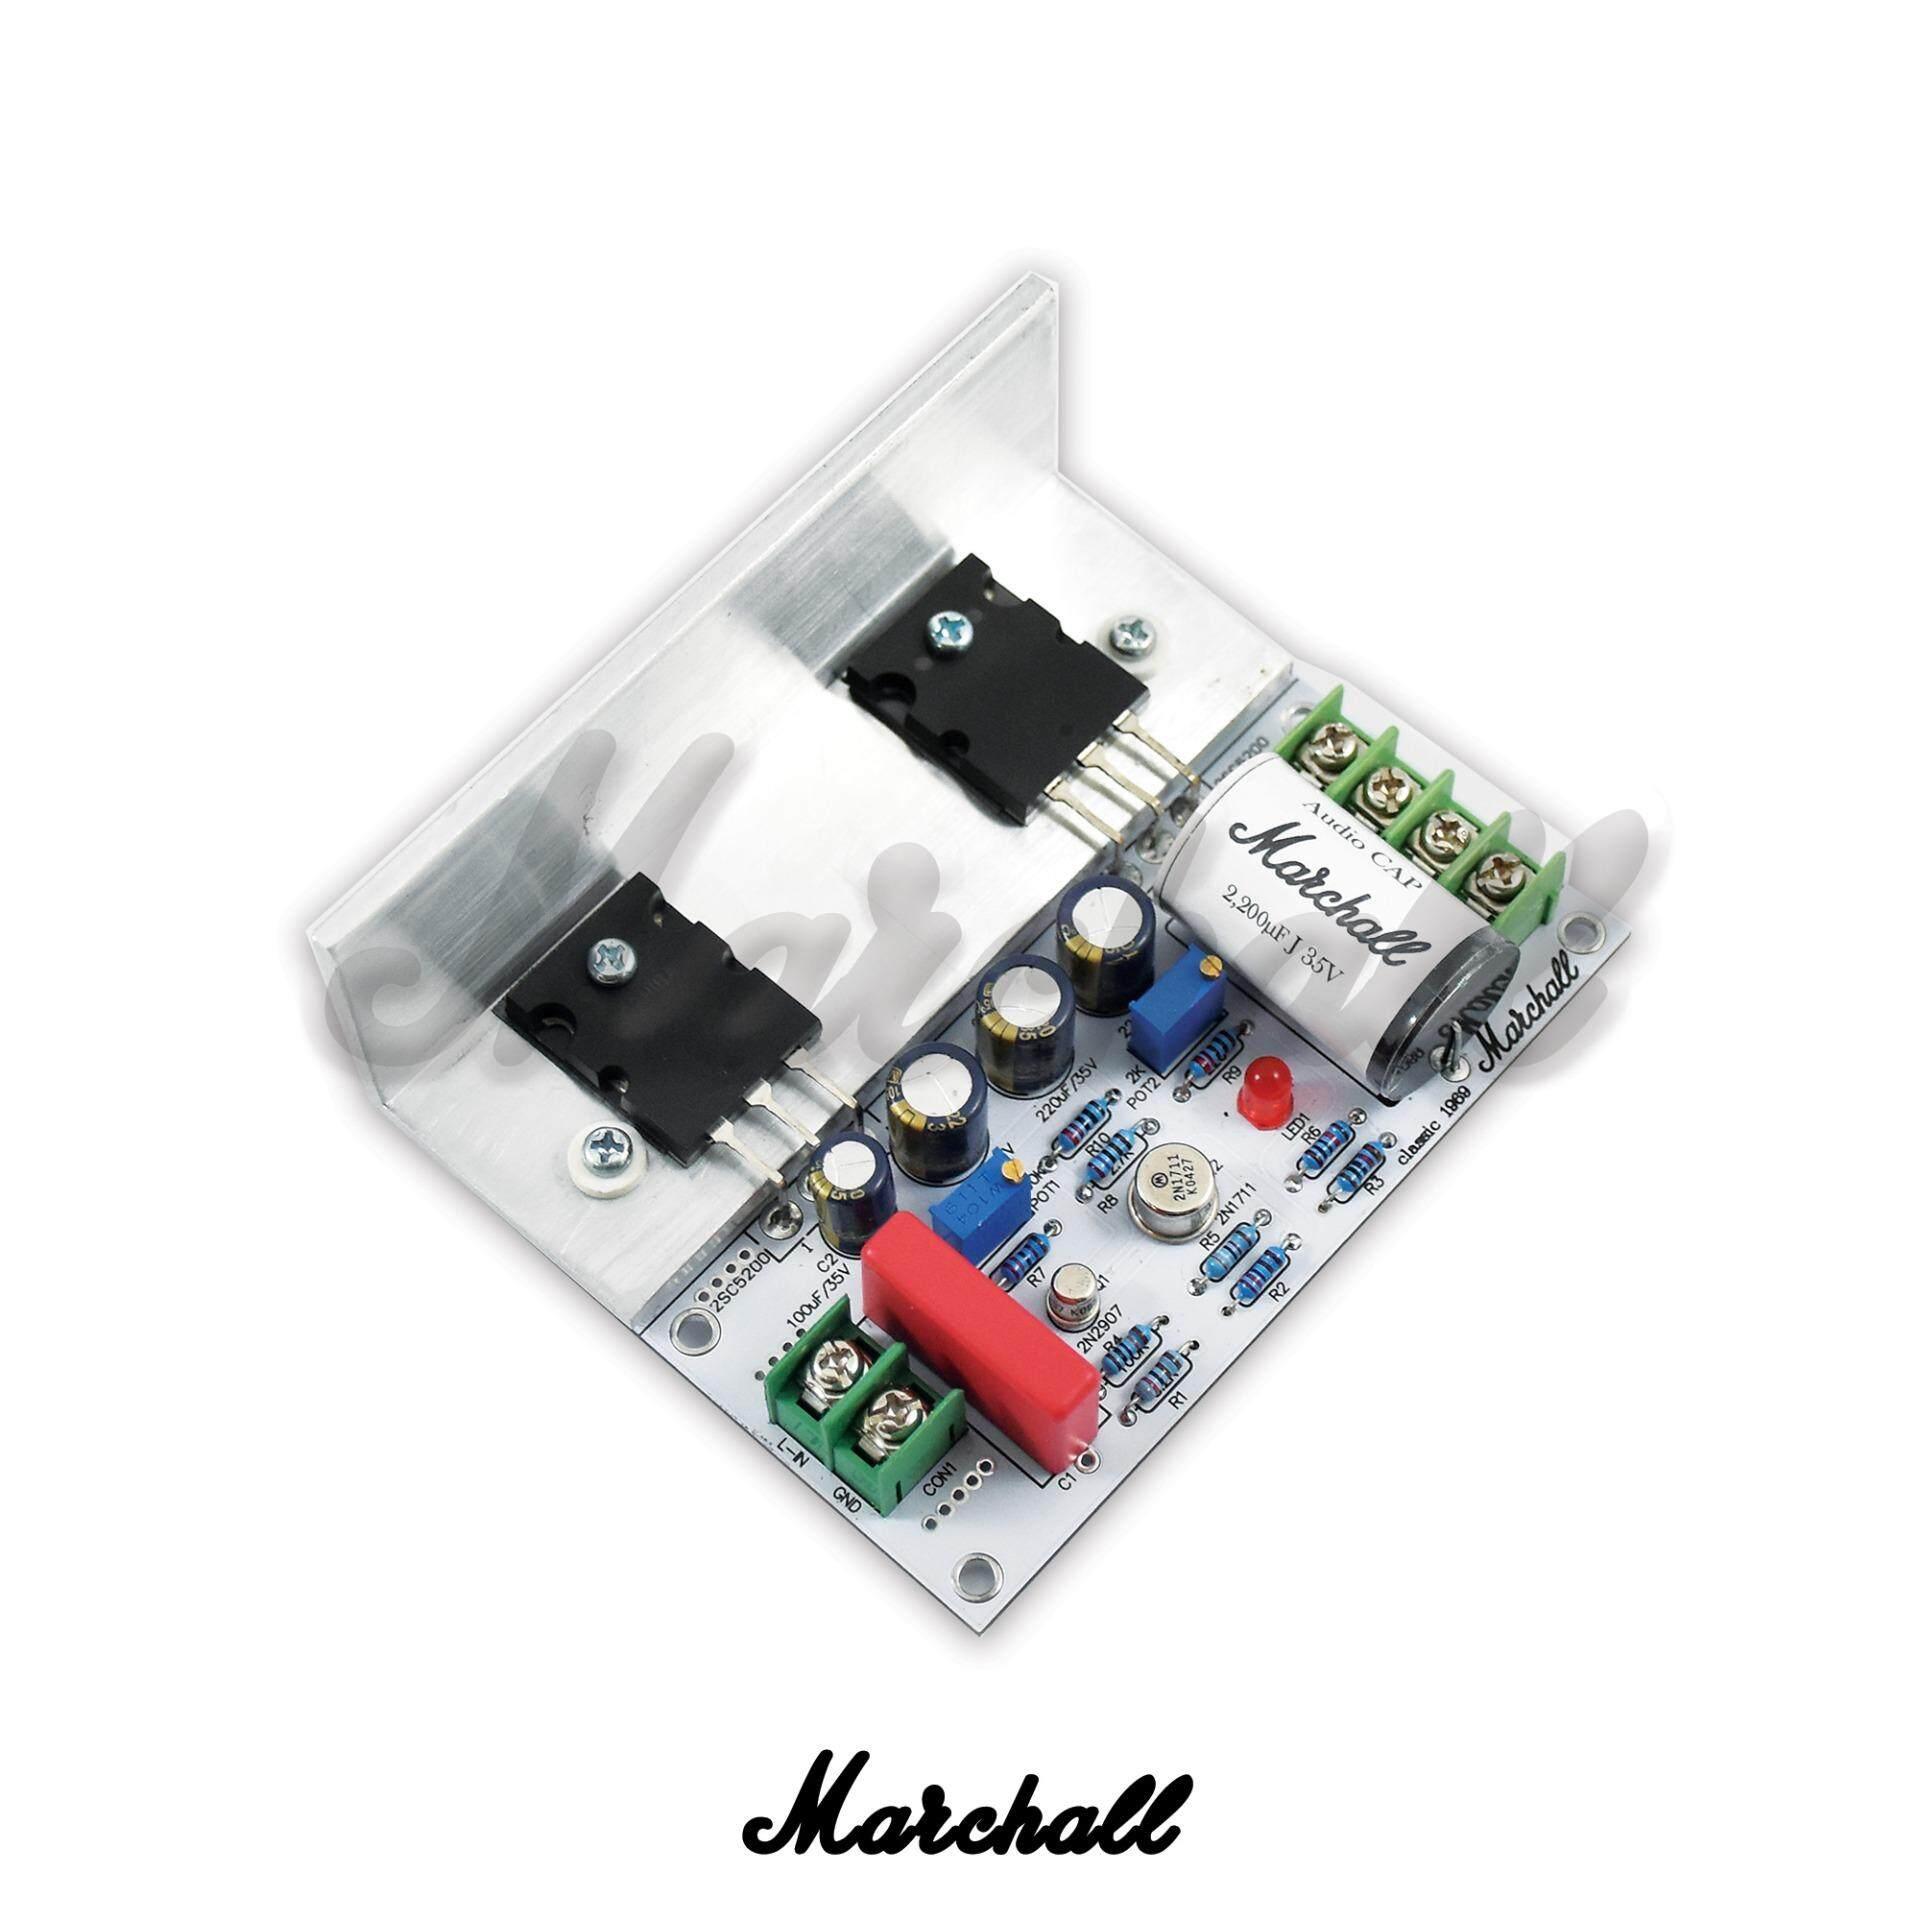 ราคา Marchall 1969 เวอร์ชั่น โตชิบา 5200 ชุดลง Pcb วงจรขยายเสียง Class A ความเพี้ยนThdดีมาก คลาสเอ เป็นภาคขยายสัญญาณ ไฮเอ็ด เพาเวอร์ แอมป์ High End Audio Sound เครื่องเสียงใช้ทรานซิสเตอร์ Toshiba Hifi Audio Amplifier Board นักประดิษฐ์ Diy อิเล็กทรอนิกส์ Marchall